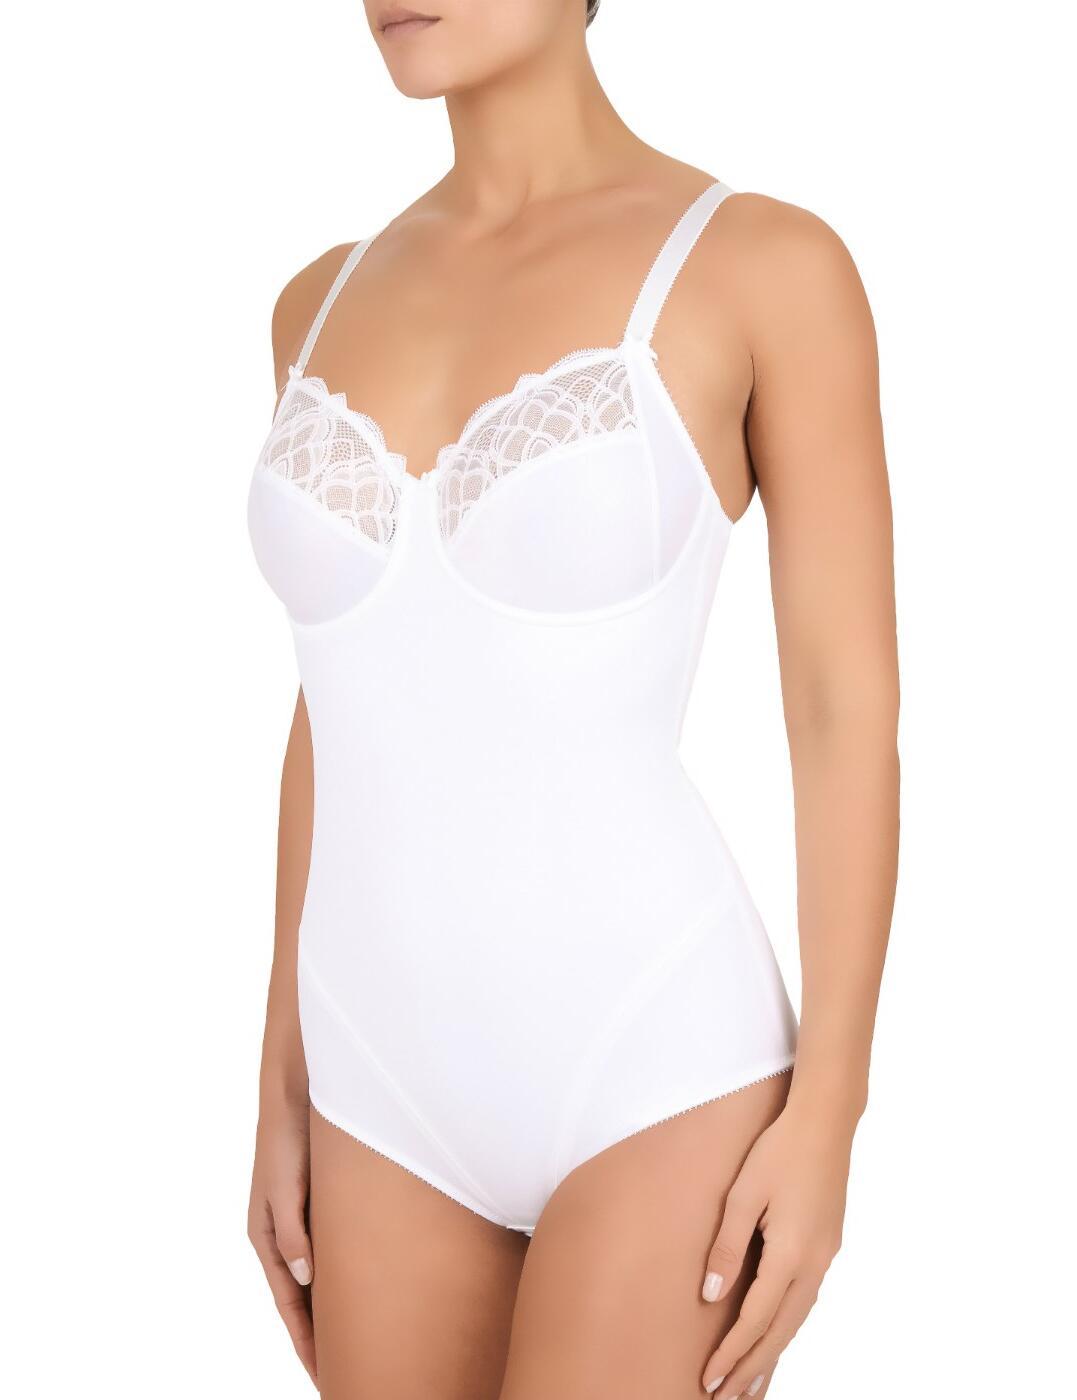 250214 Conturelle By Felina Icon Body - 250214 White